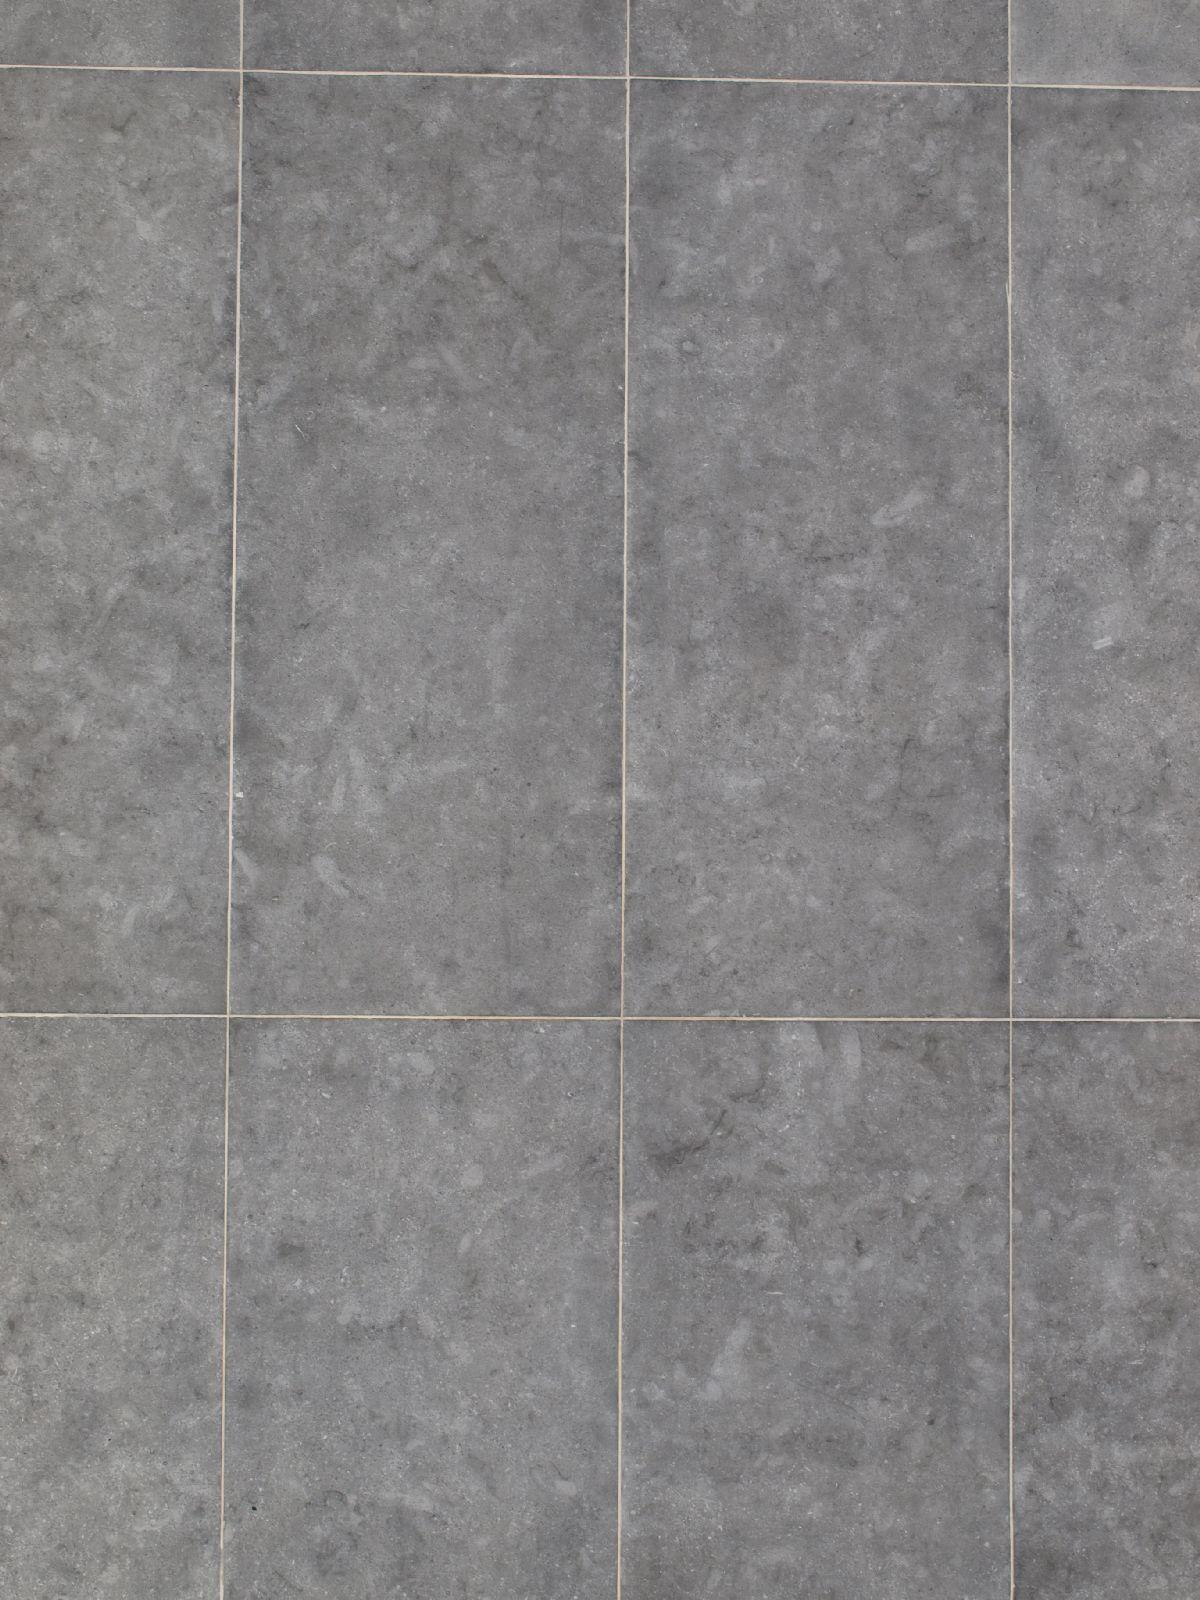 Brick_Texture_A_P4041507